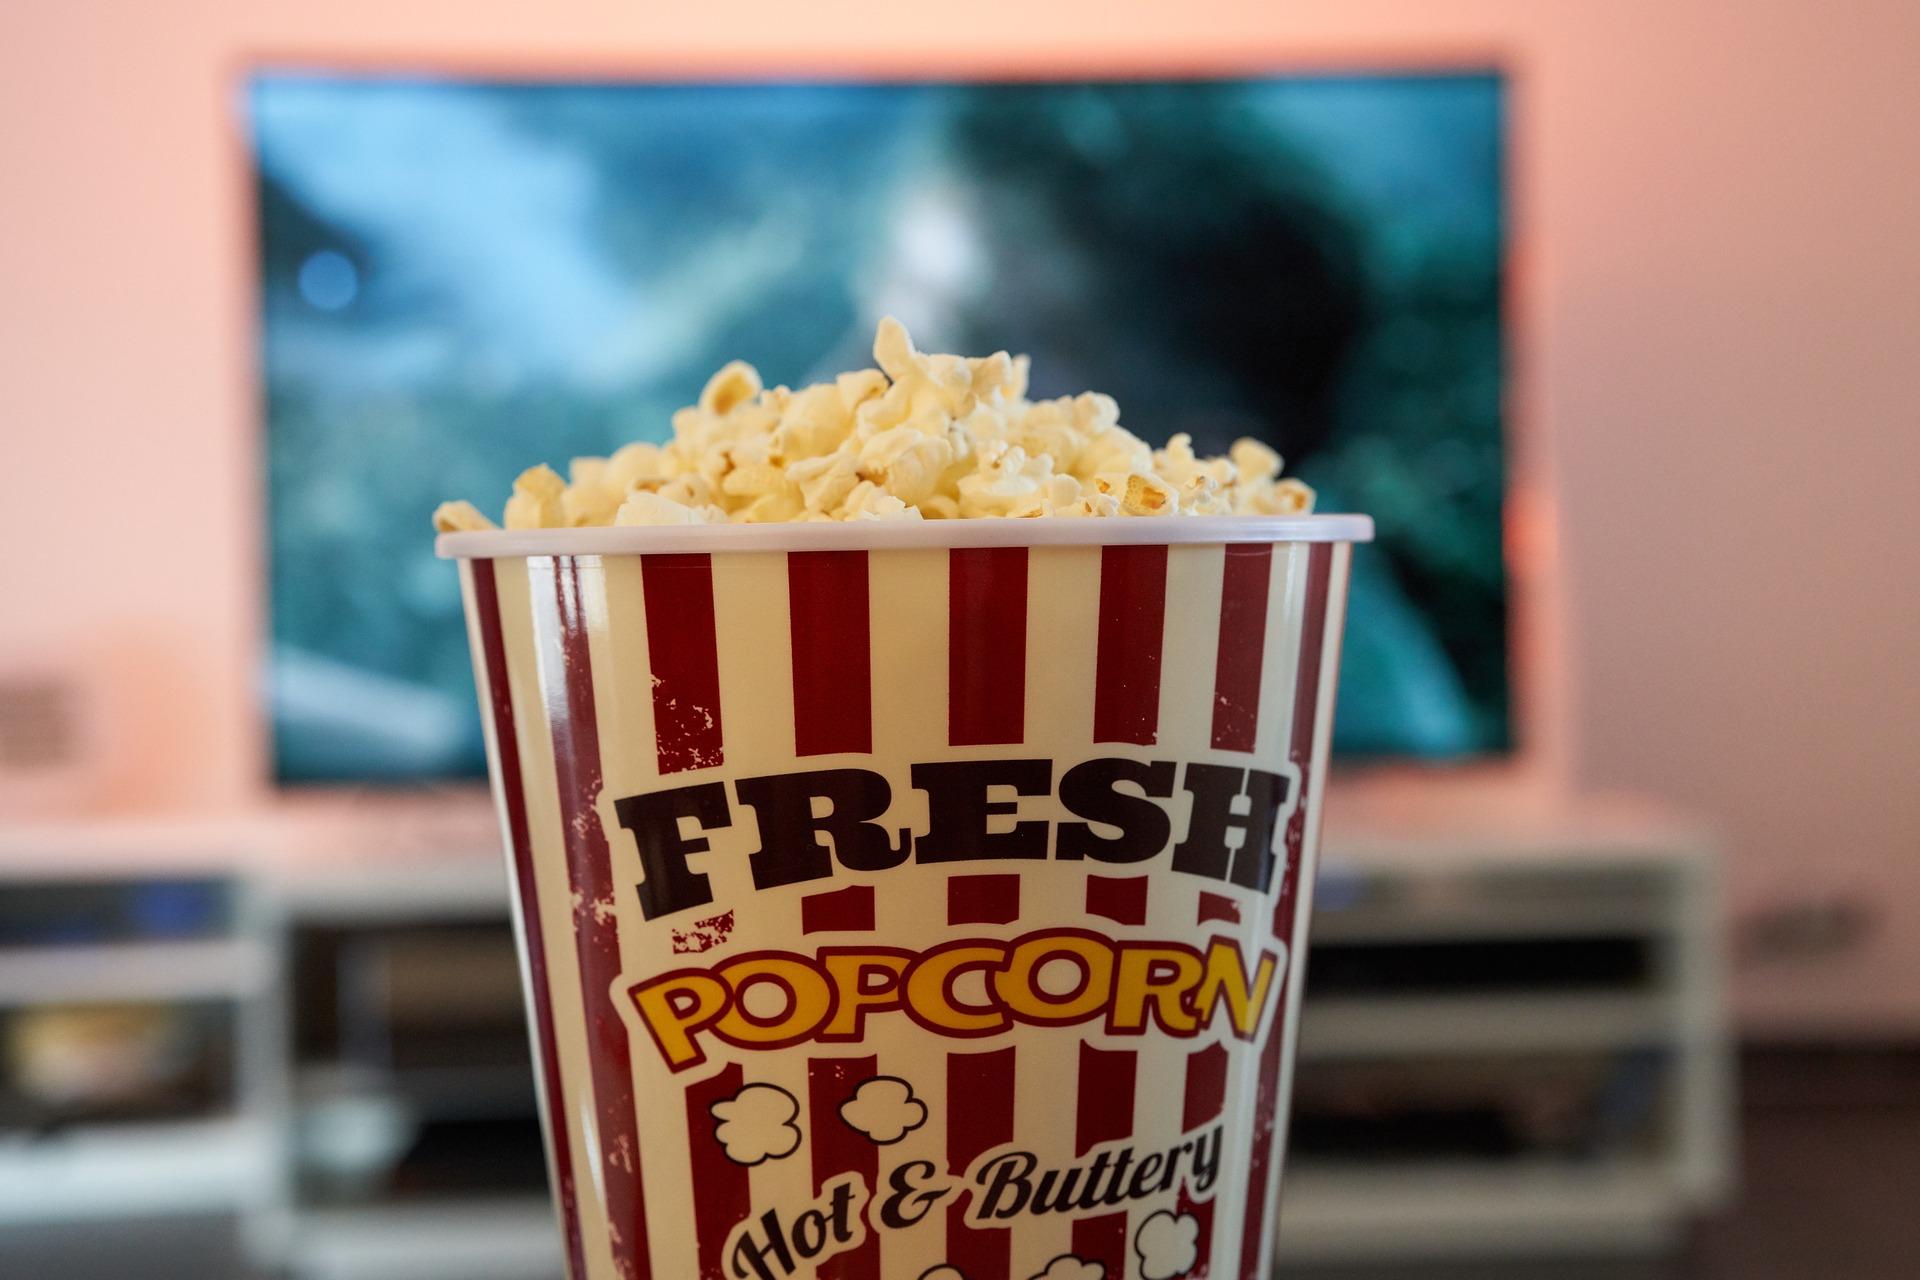 Qué películas ver hoy | Películas recomendadas